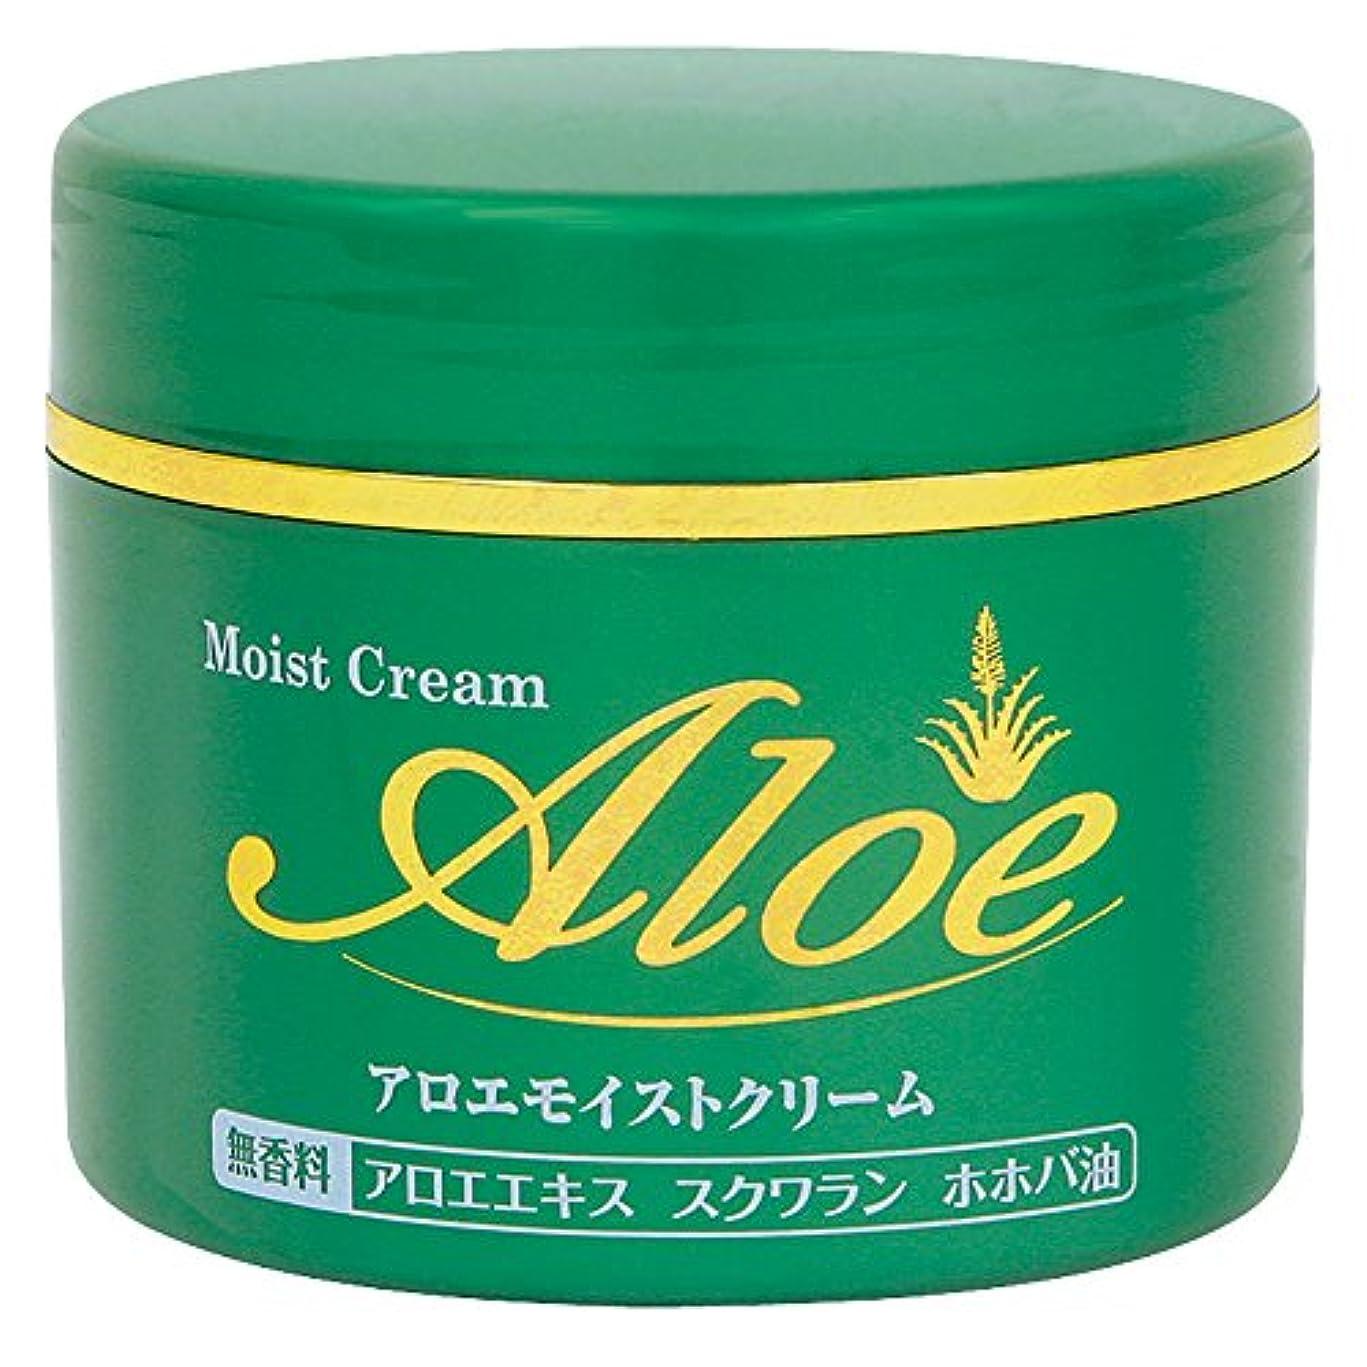 倒錯不利益コミュニティ井藤漢方製薬 アロエモイストクリーム 160g (アロエクリーム 化粧品)